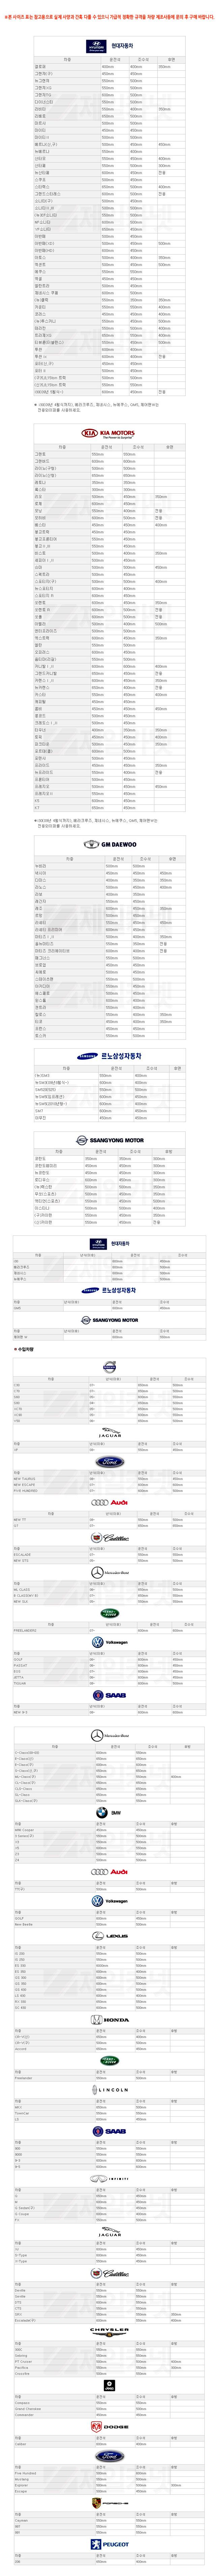 자동차 와이퍼 사이즈 도표